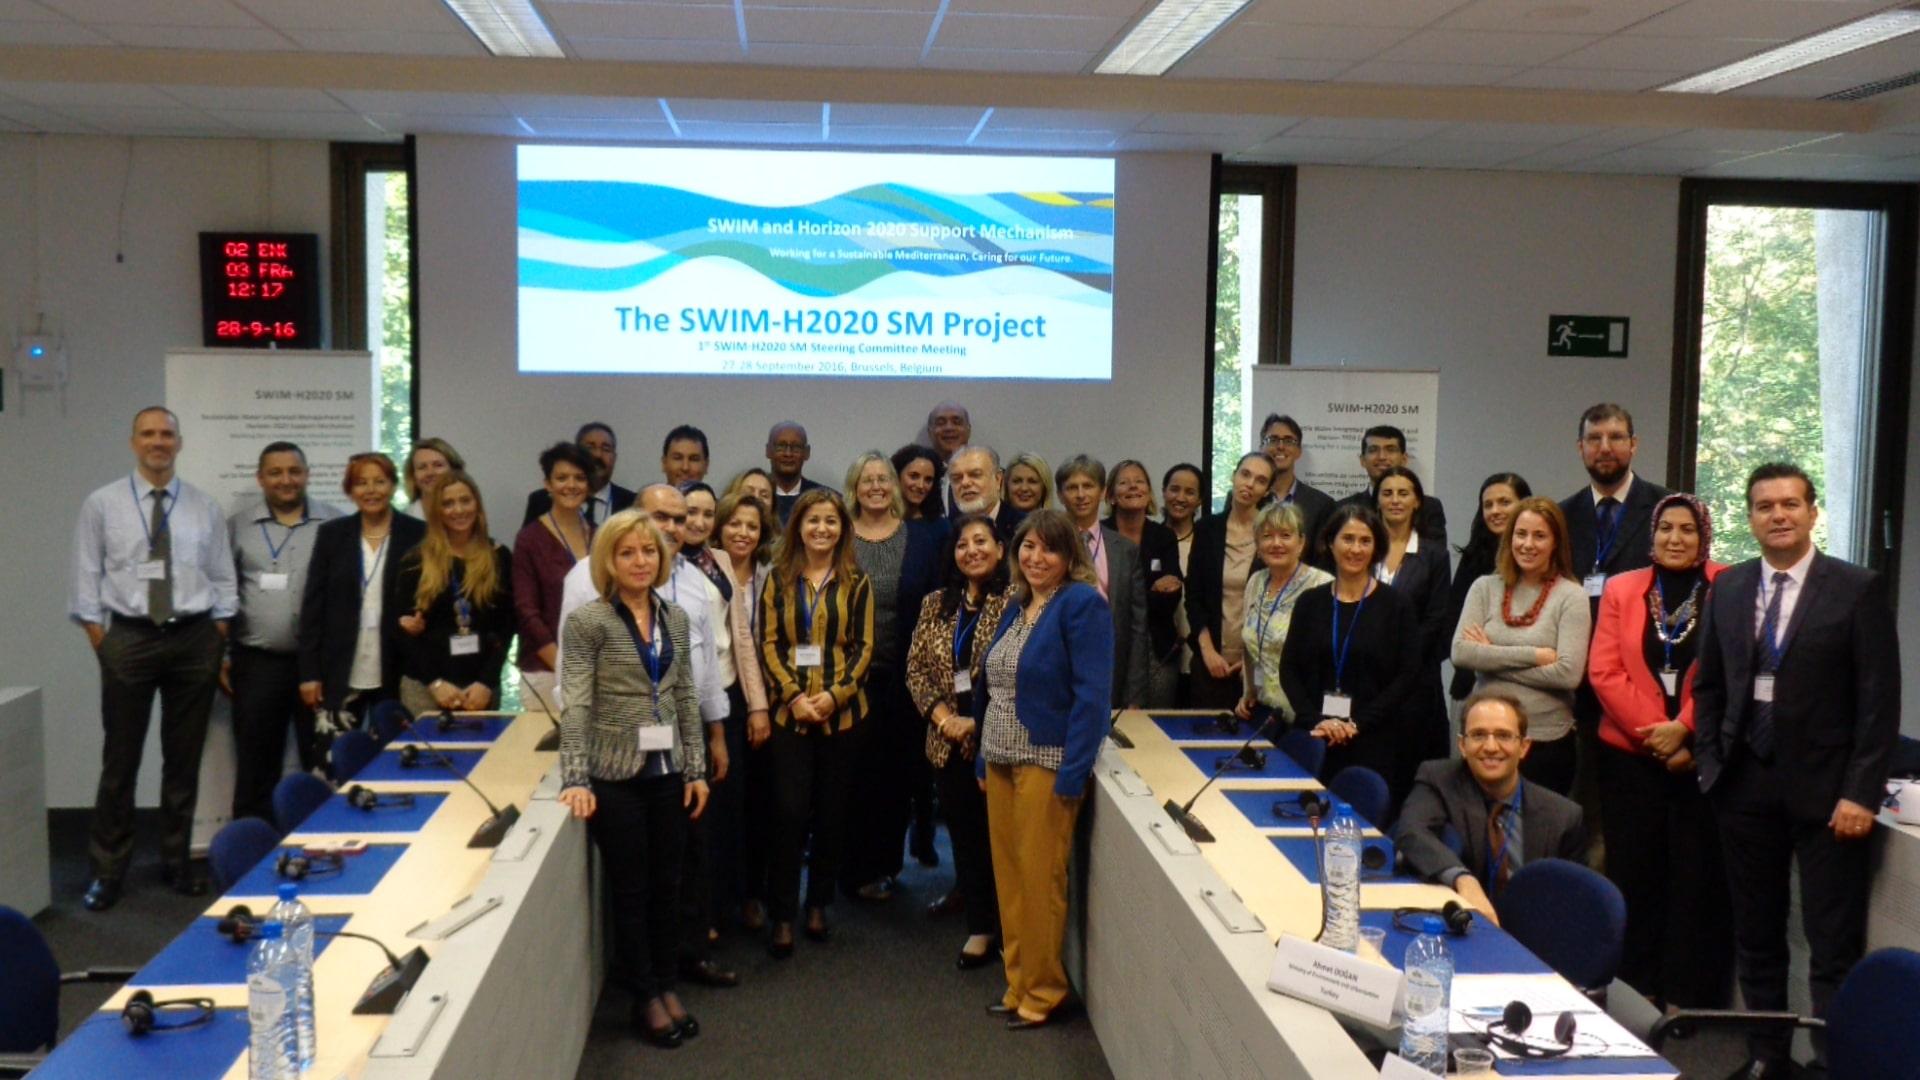 27 – 28 سبتمبر 2016، بروكسل – الاجتماع الأول للجنة التوجيهية لمشروع آلية دعم الإدارة المستدامة والمتكاملة للمياه ومشروع آفاق 2020